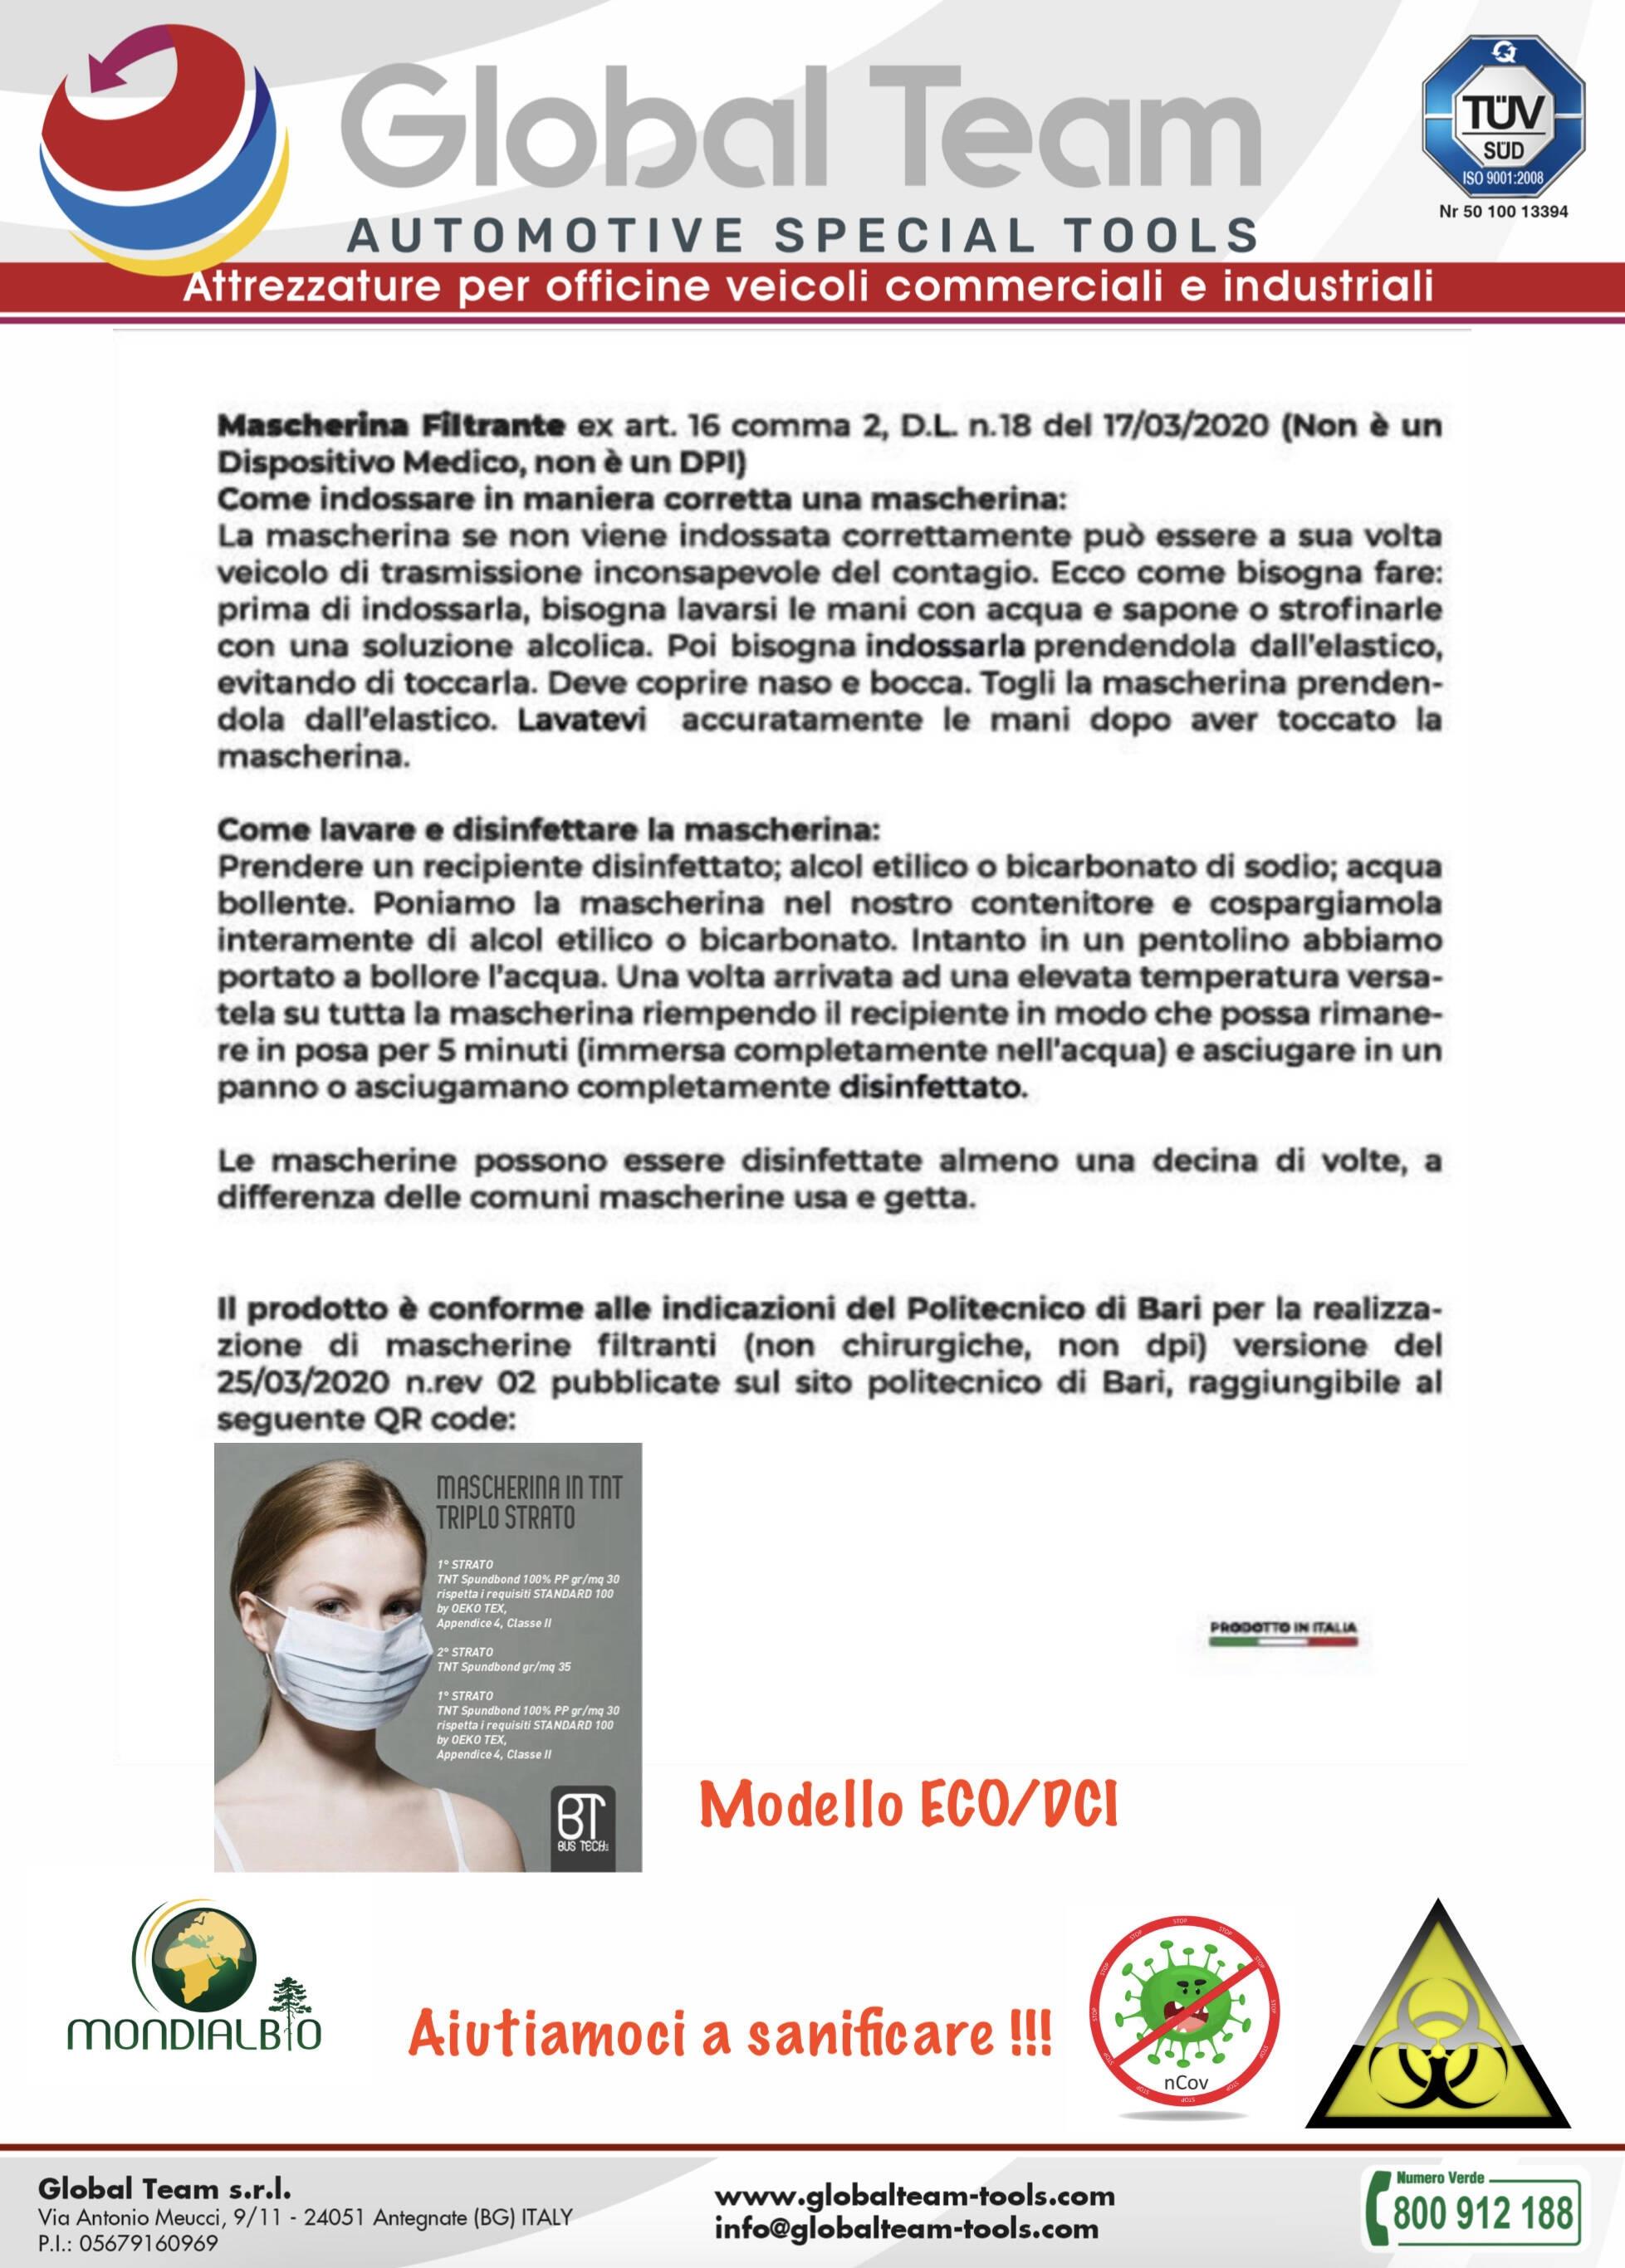 Mascherina protettiva certificata lavabile 5 volte modello ECO utilizzo in ambienti di lavoro